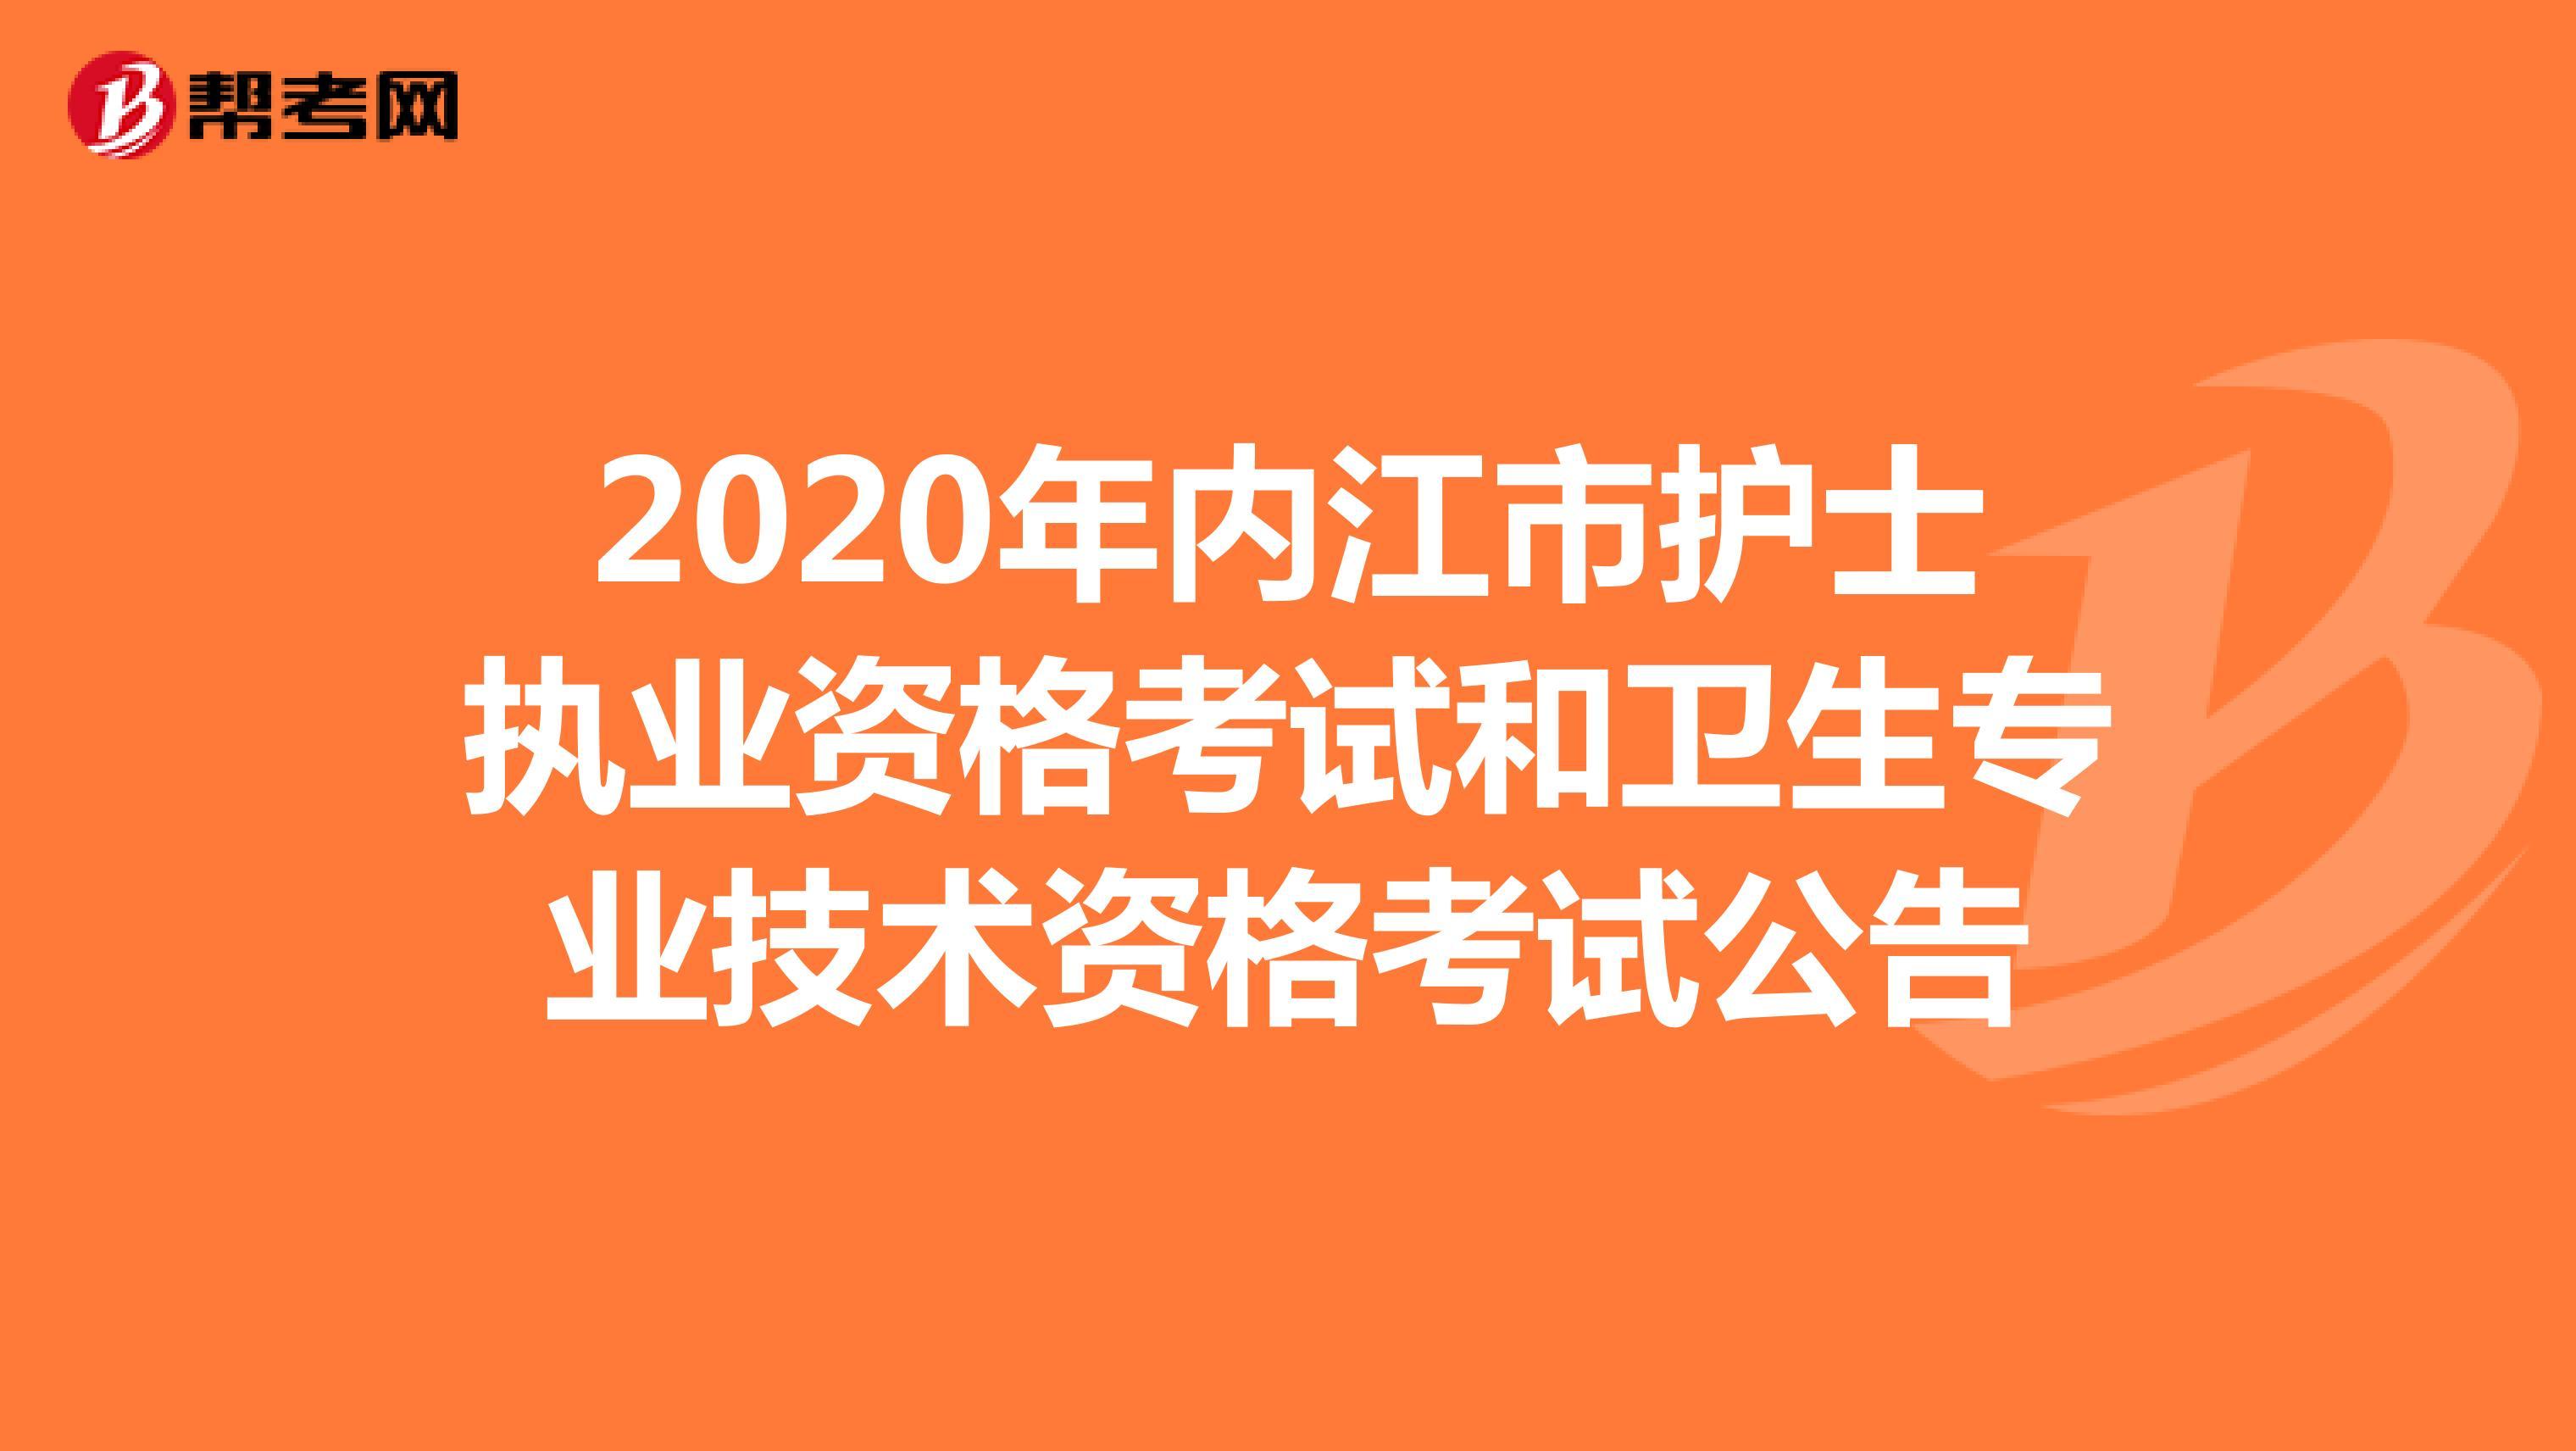 2020年内江市护士执业资格考试和卫生专业技术资格考试公告